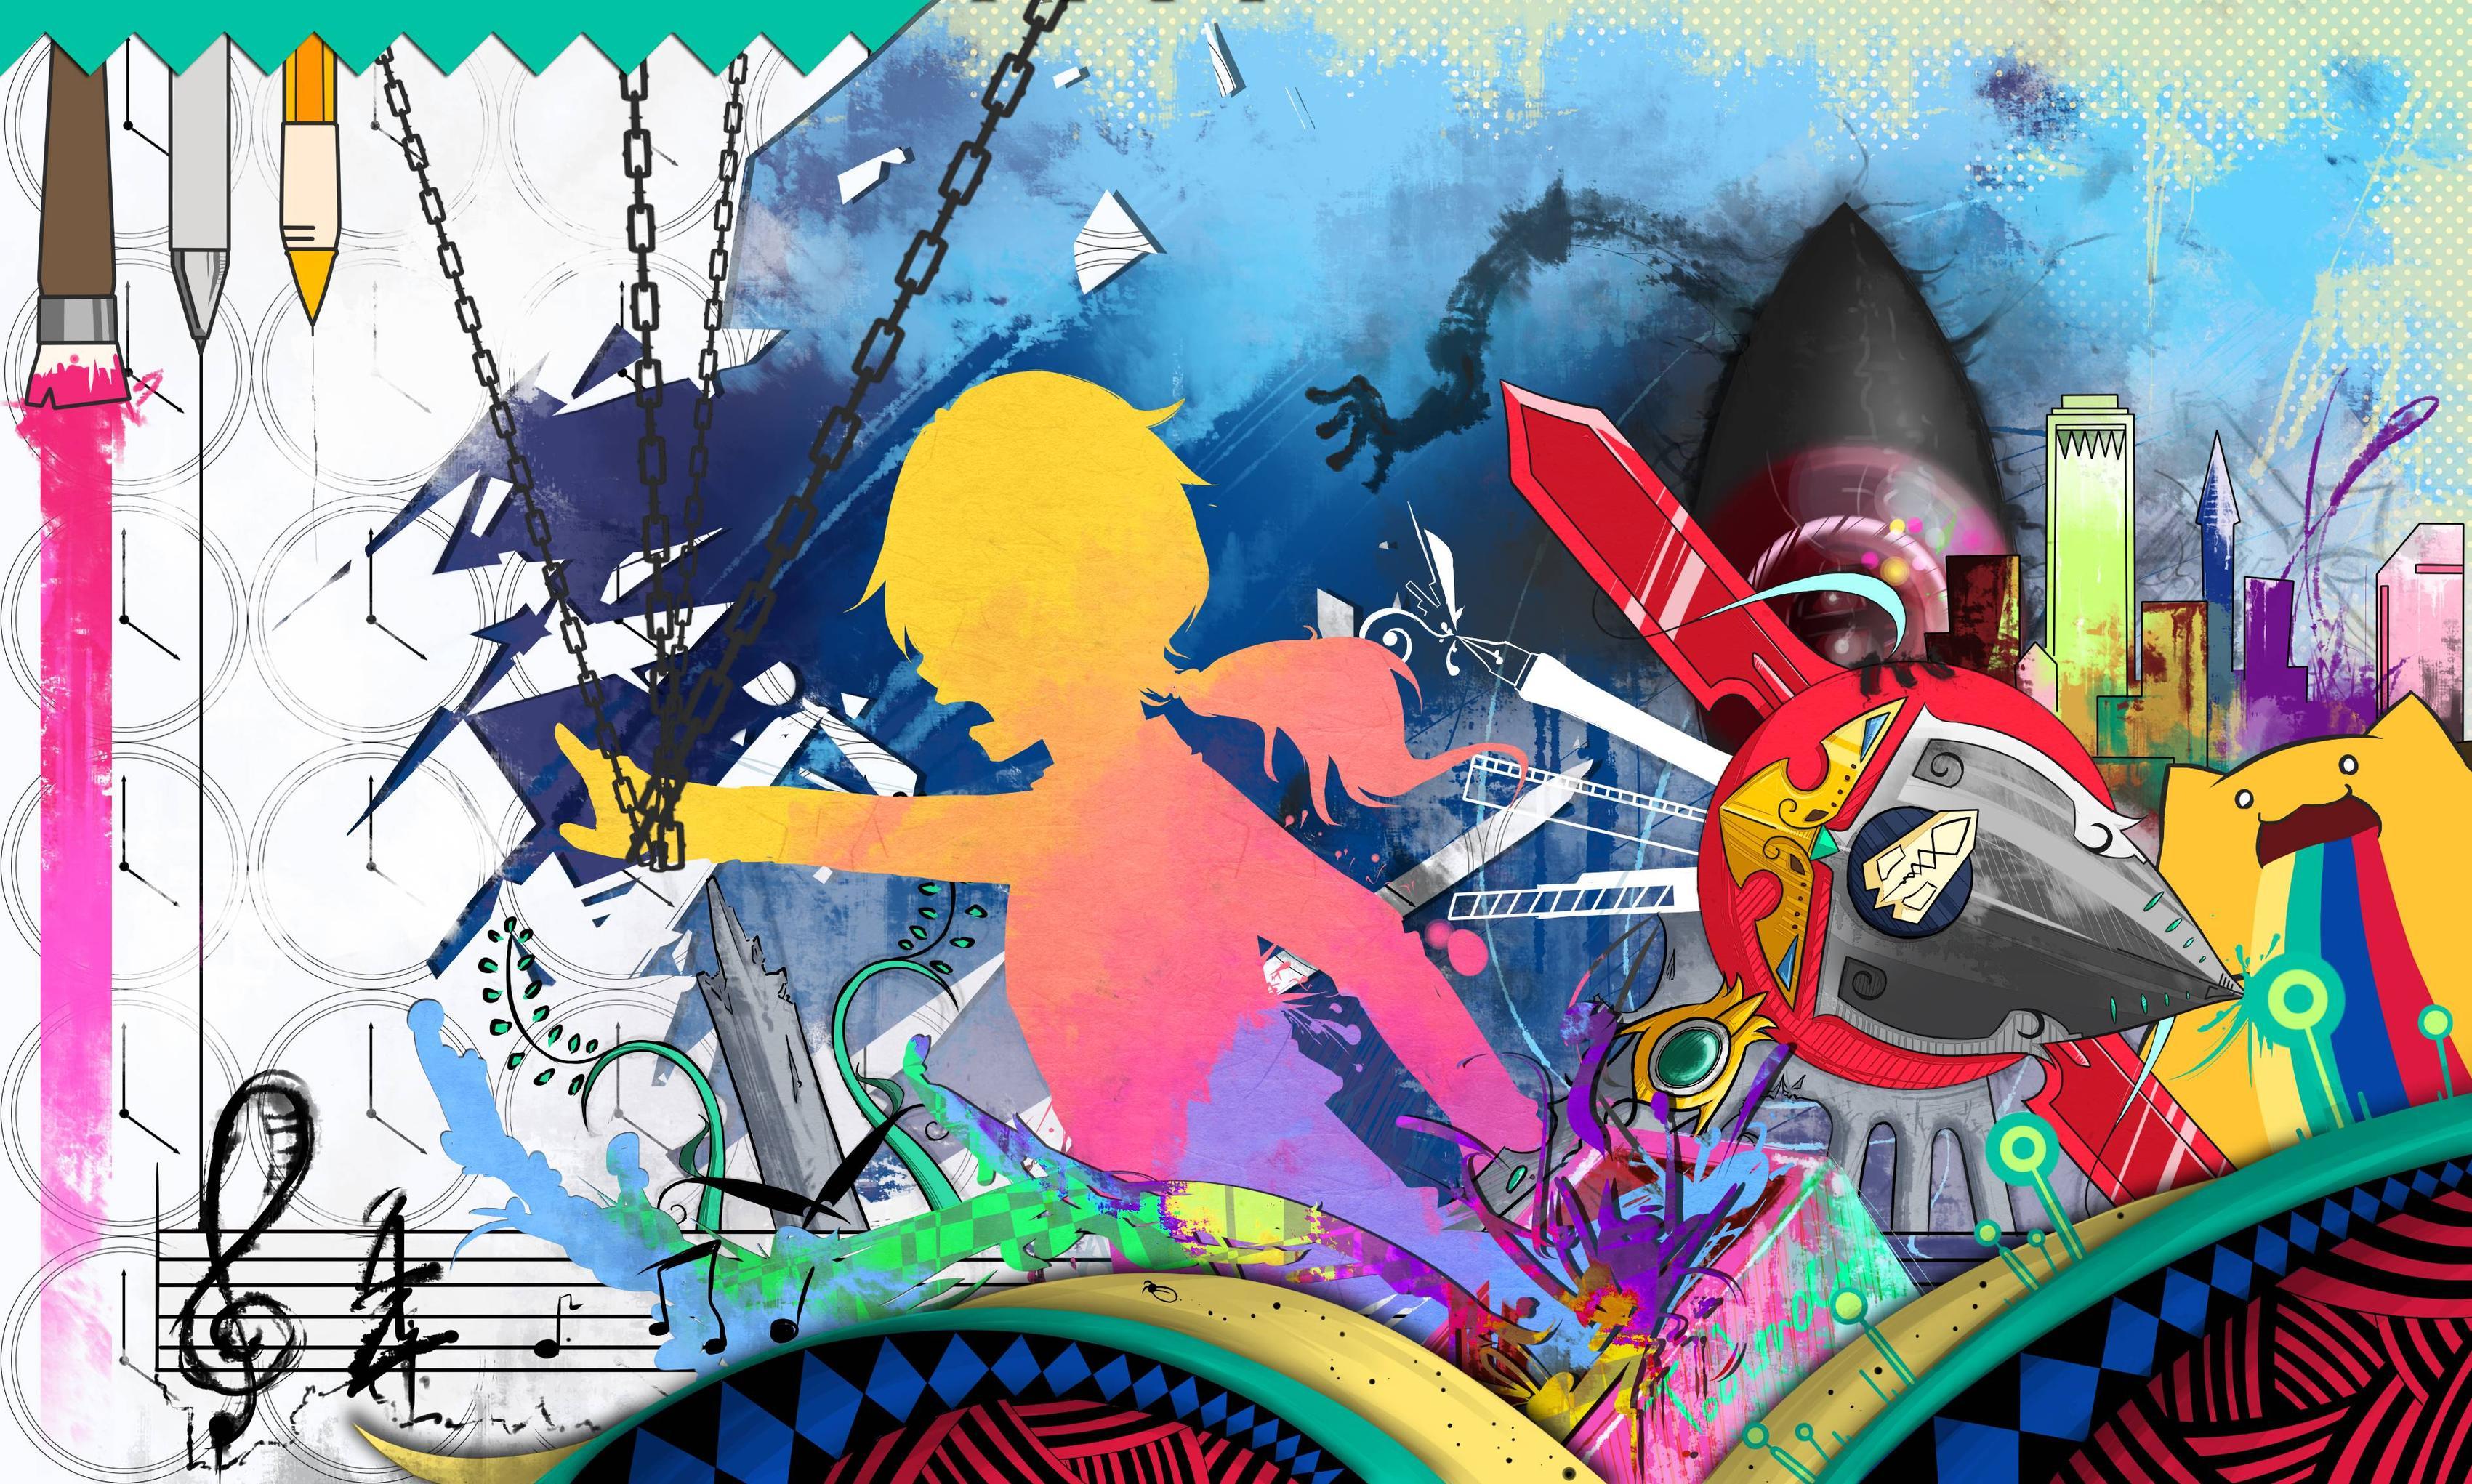 恭賀 張嘉宏同學參與「105學年度全國學生美術創作競賽」榮獲【漫畫類大專非美術系】【甲等】